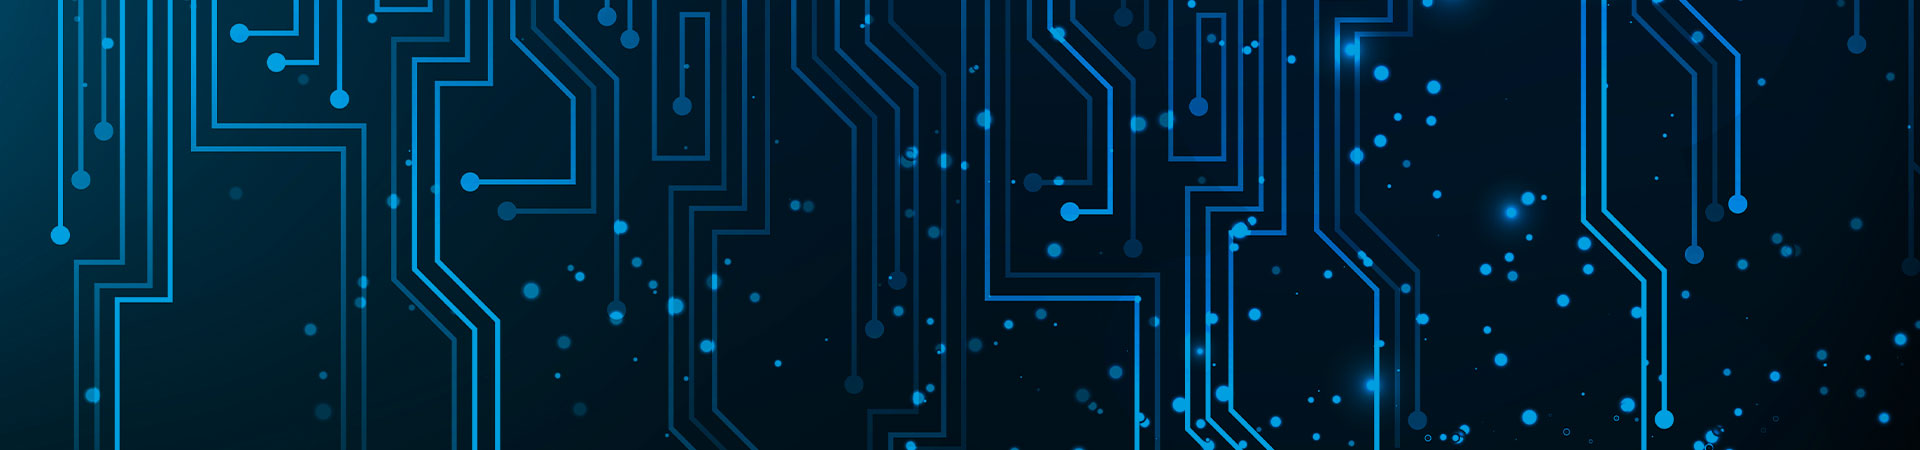 industries_electronics_header_interior_desktop-1